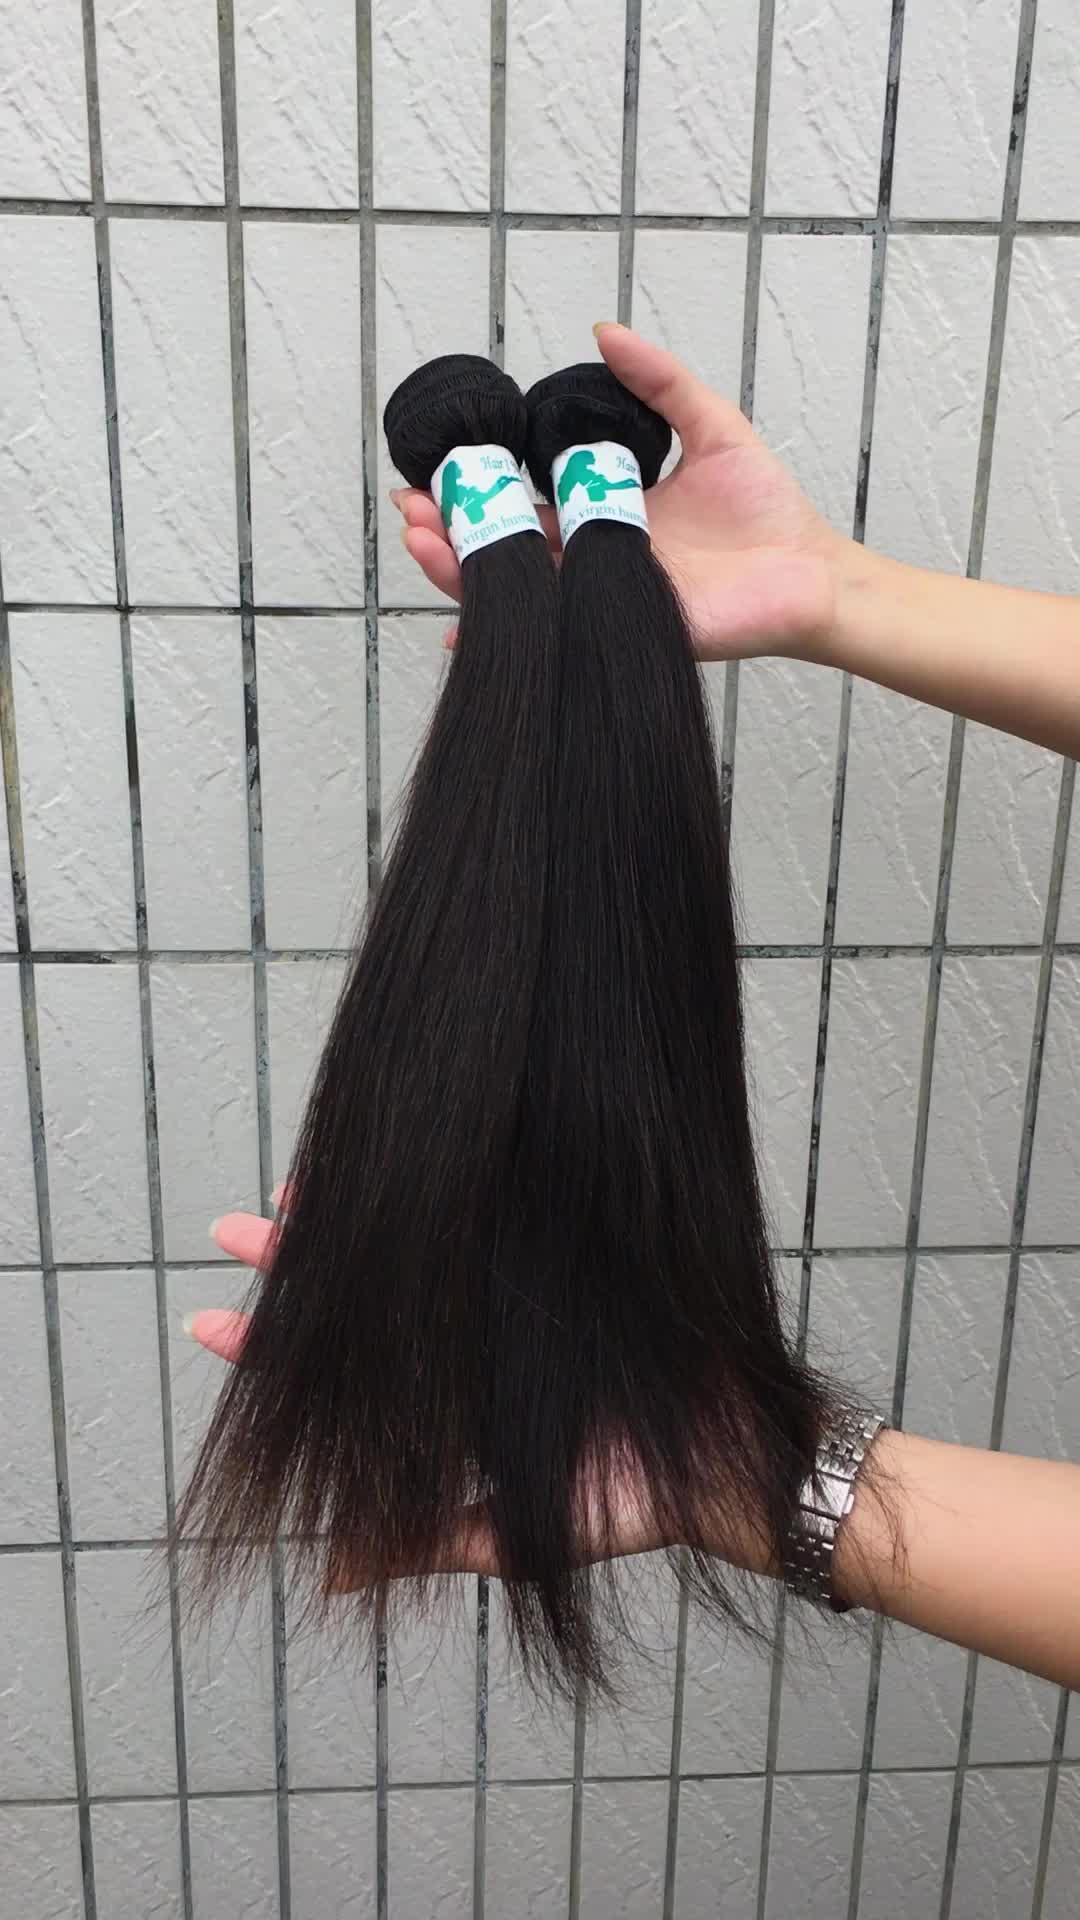 Overnachting verzending hoogwaardige virgin cuticula uitgelijnd rechte ruwe haar